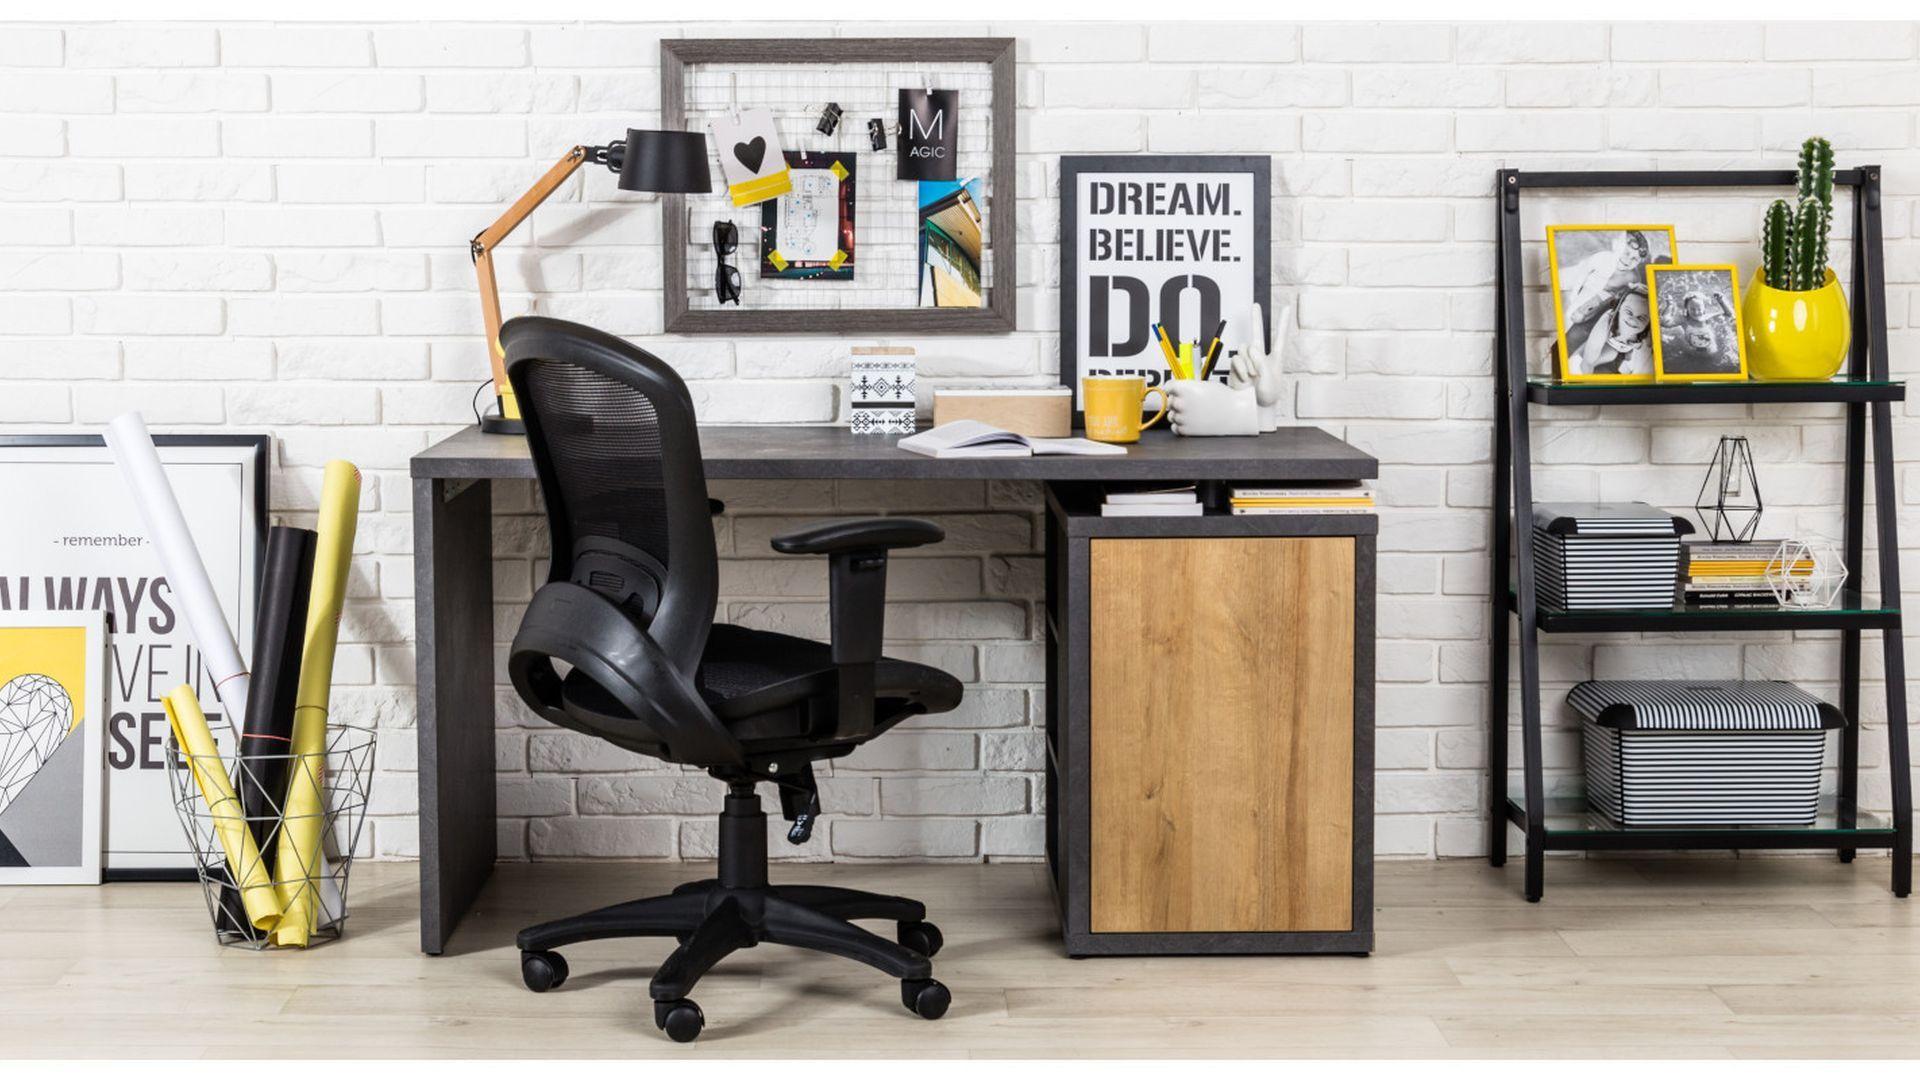 Fotel biurowy powinien ułatwiać pracę i wykonywanie wszystkich czynności przy biurku, dlatego warto wybrać model na kółkach, który znacznie usprawni poruszanie. Fot. Agata